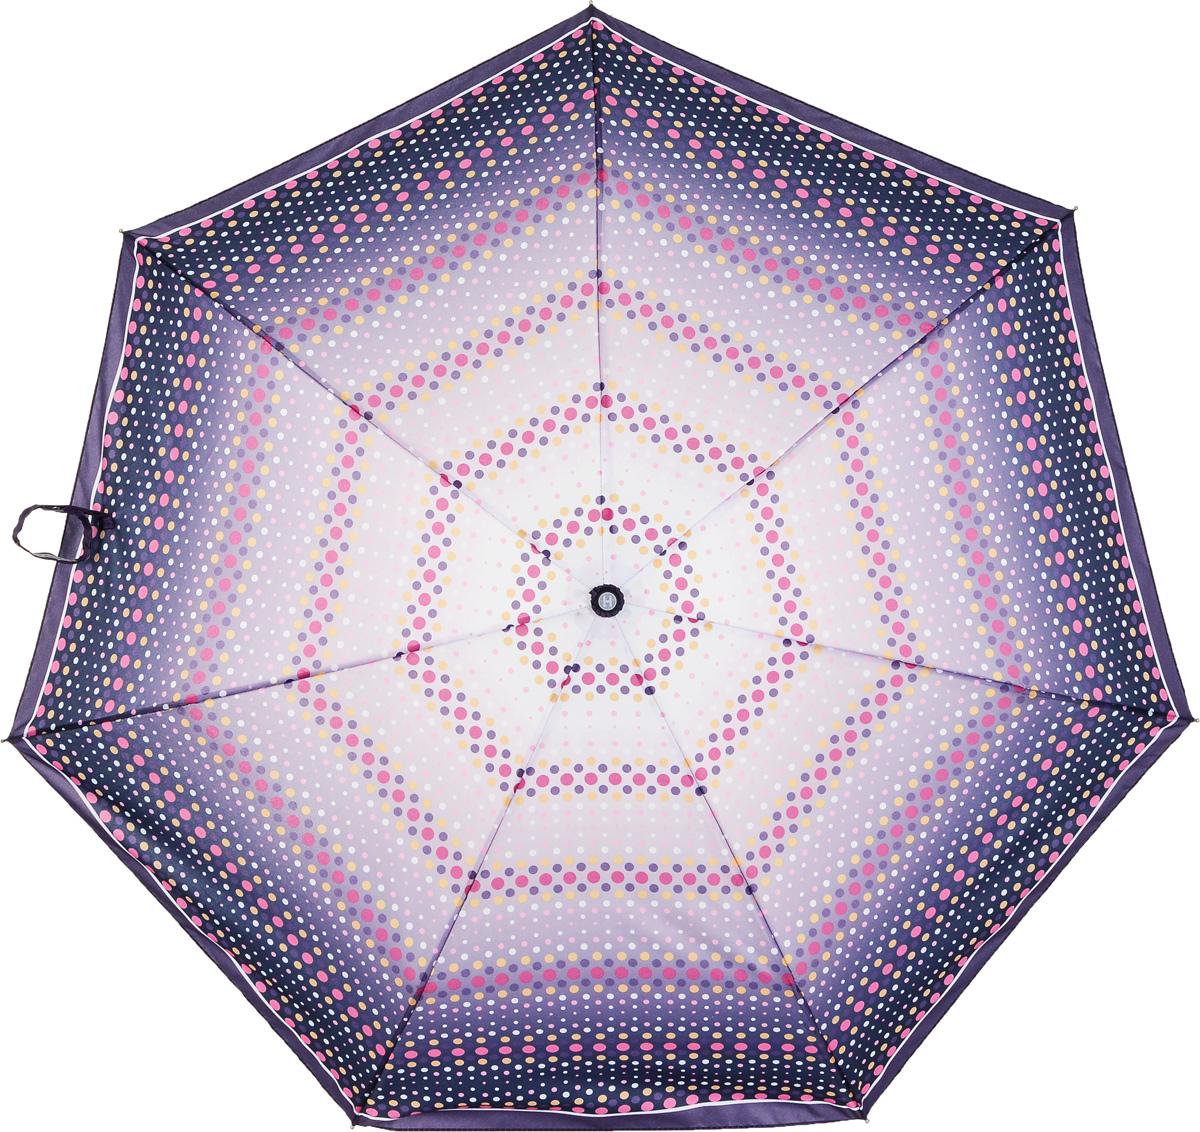 Зонт женский Henry Backer, 3 сложения, цвет: фиолетовый. U26203 Peas45100948B/32793/5900NНарядный женский зонт «Горох», автоматНаряду со сталью для каркаса использован алюминий и фибергласс, поэтому зонт достаточно легкий для зонтов-автоматов.